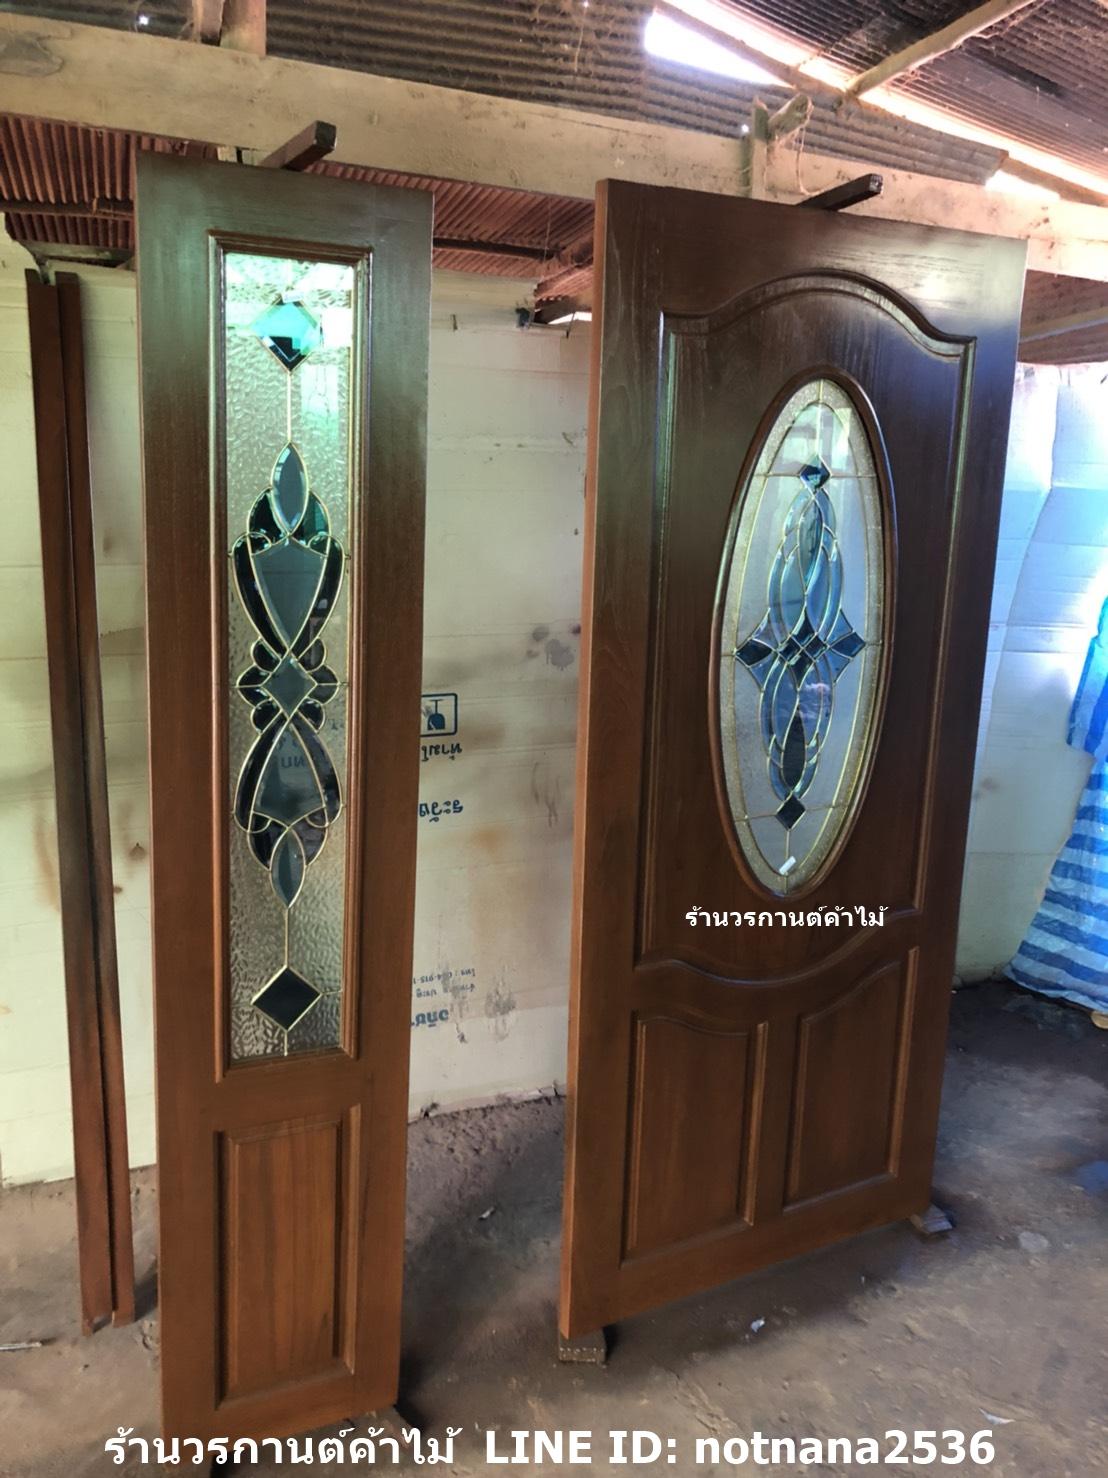 ประตูไม้สักกระจกนิรภัยวงรี ชุด4ชิ้น รหัสAAA107